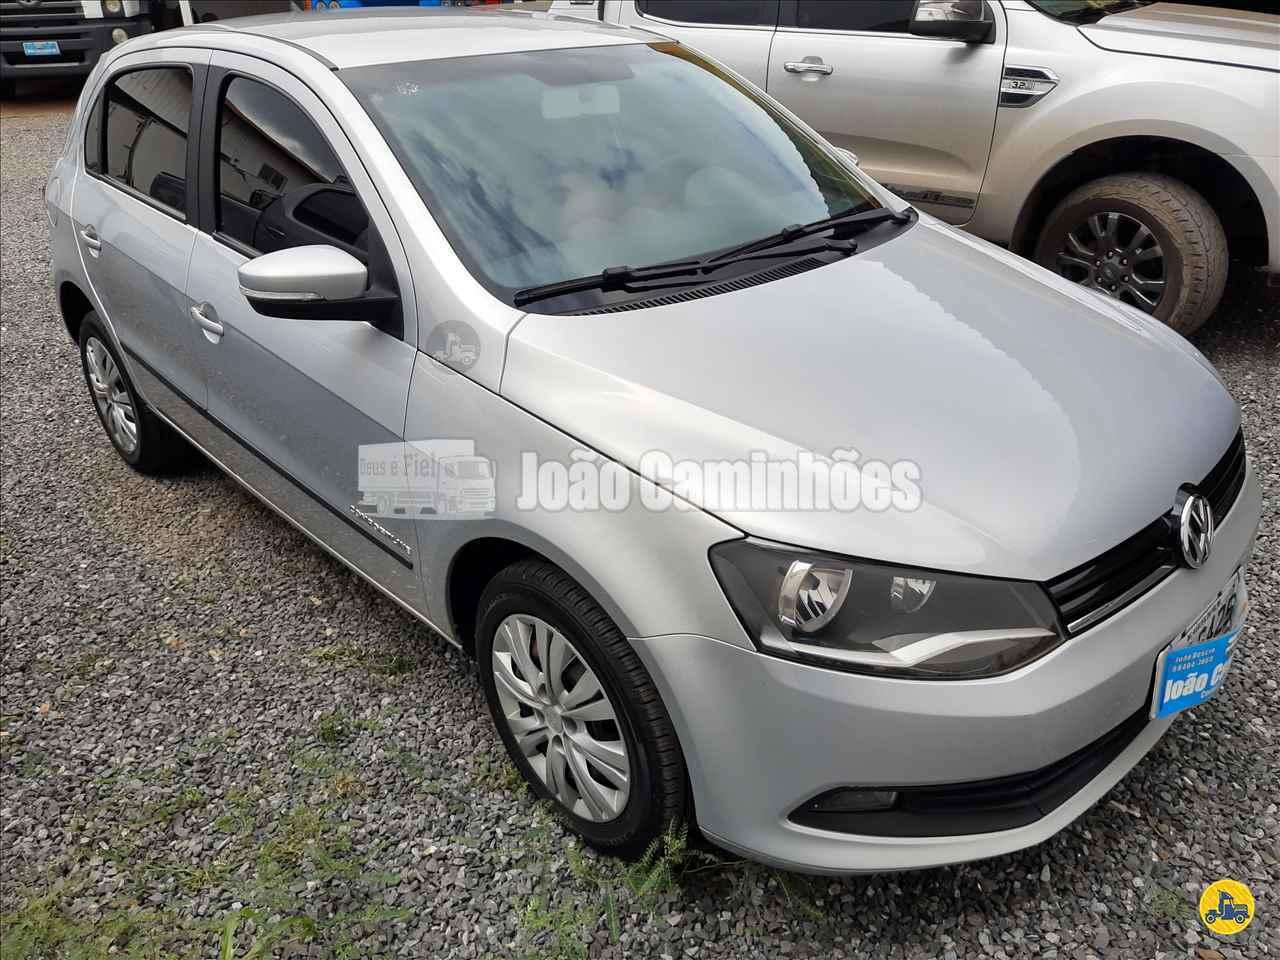 CARRO VW - Volkswagen Gol 1.6 Comfortline João Caminhões BRASILIA DISTRITO FEDERAL DF